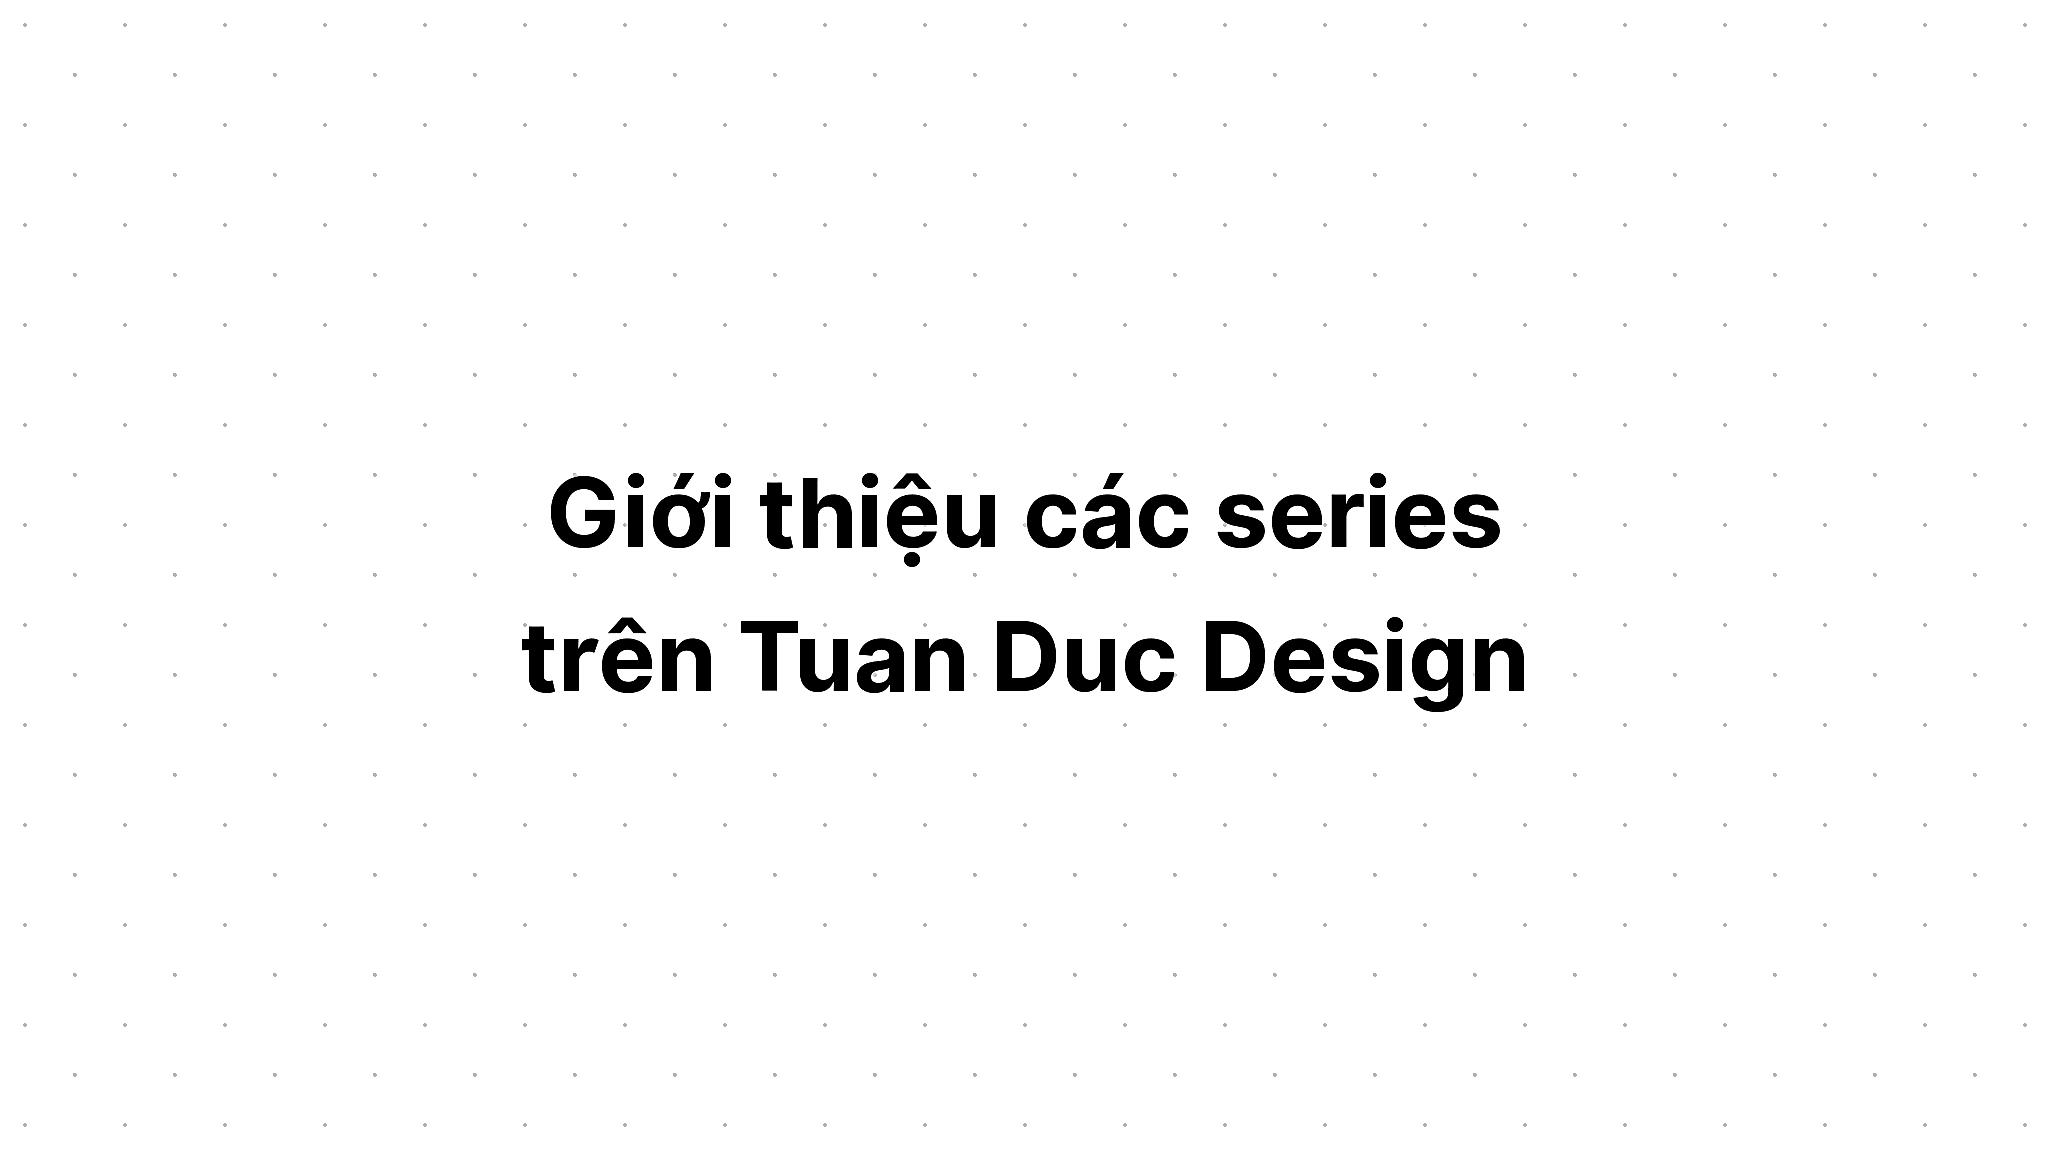 Giới thiệu các series trên Tuan Duc Design